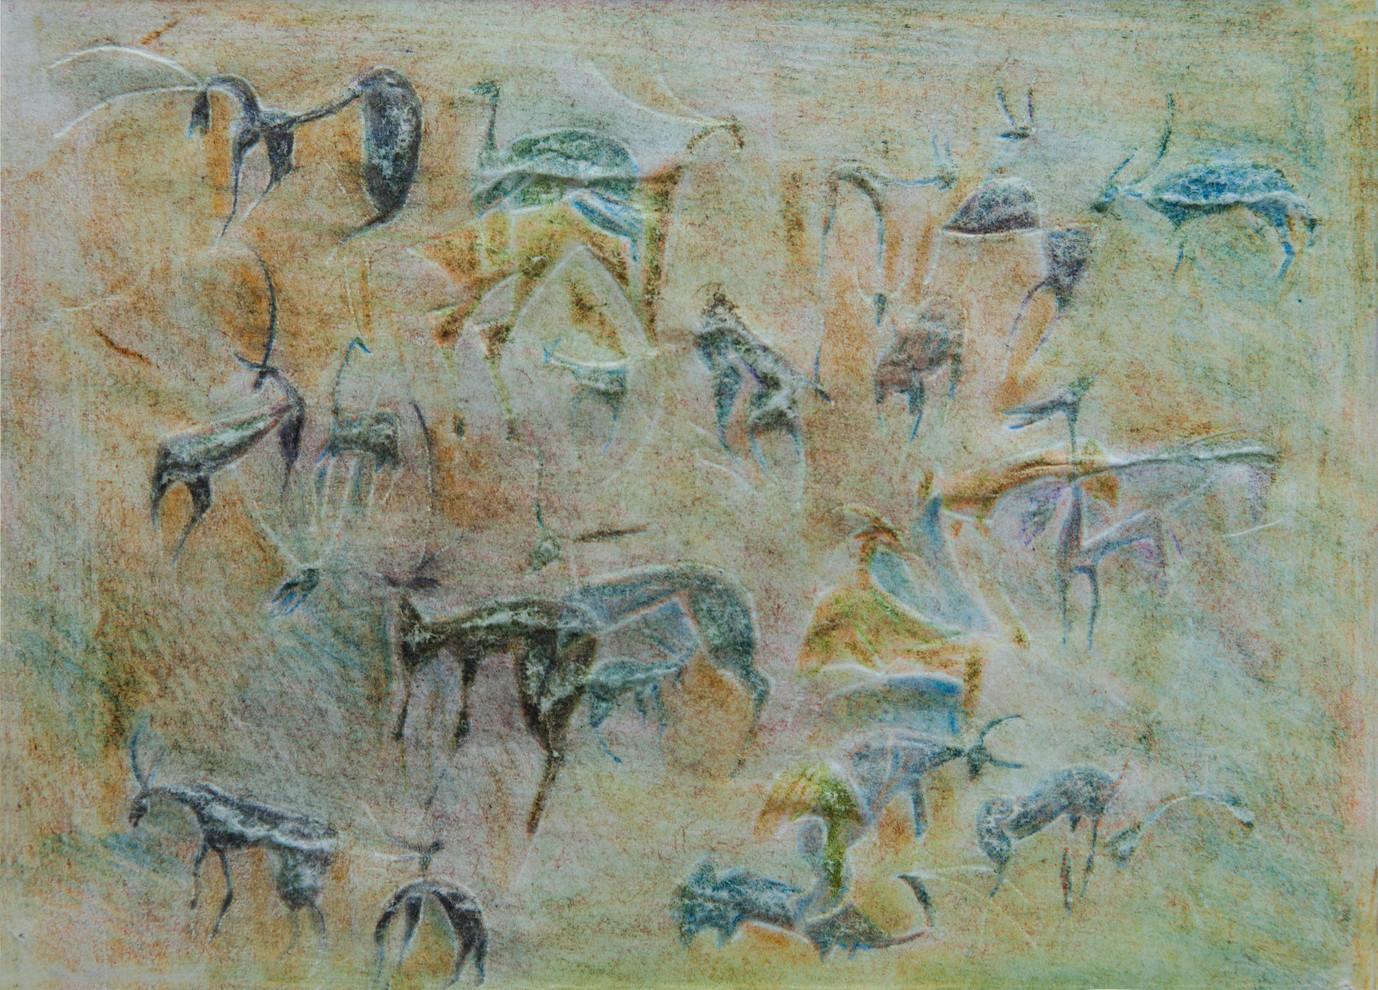 Herde, 1983 Buntstift u. Gravur, 10,5 x 14,5 cm